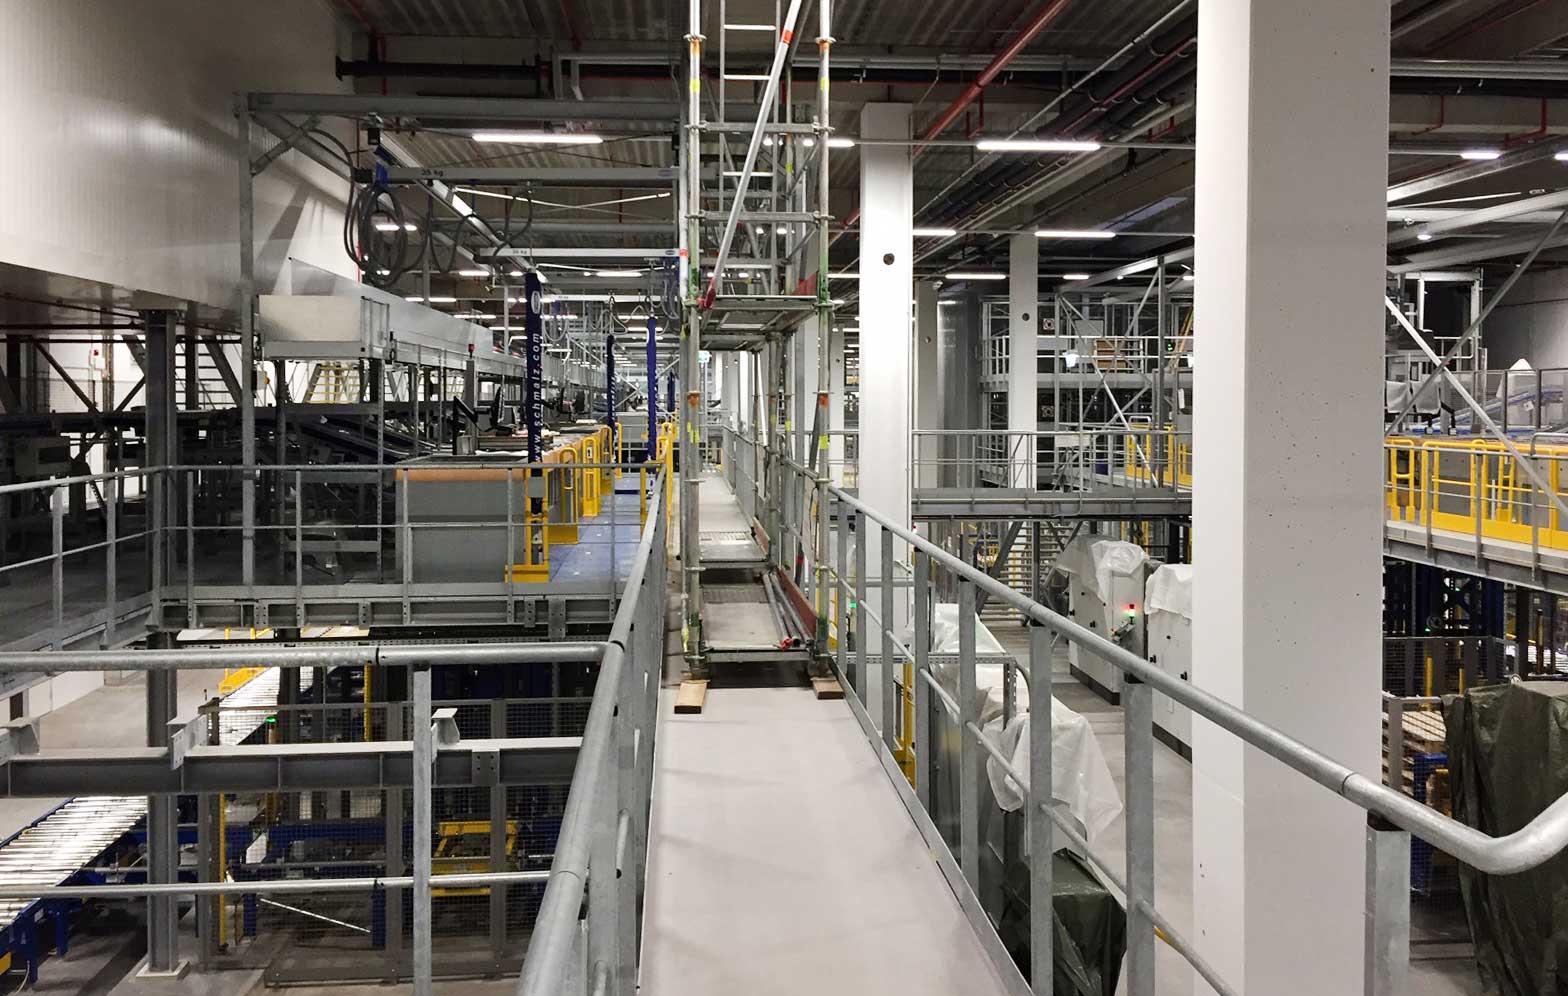 Nomeco i Køge, Linia i skinnesystem i produktionen